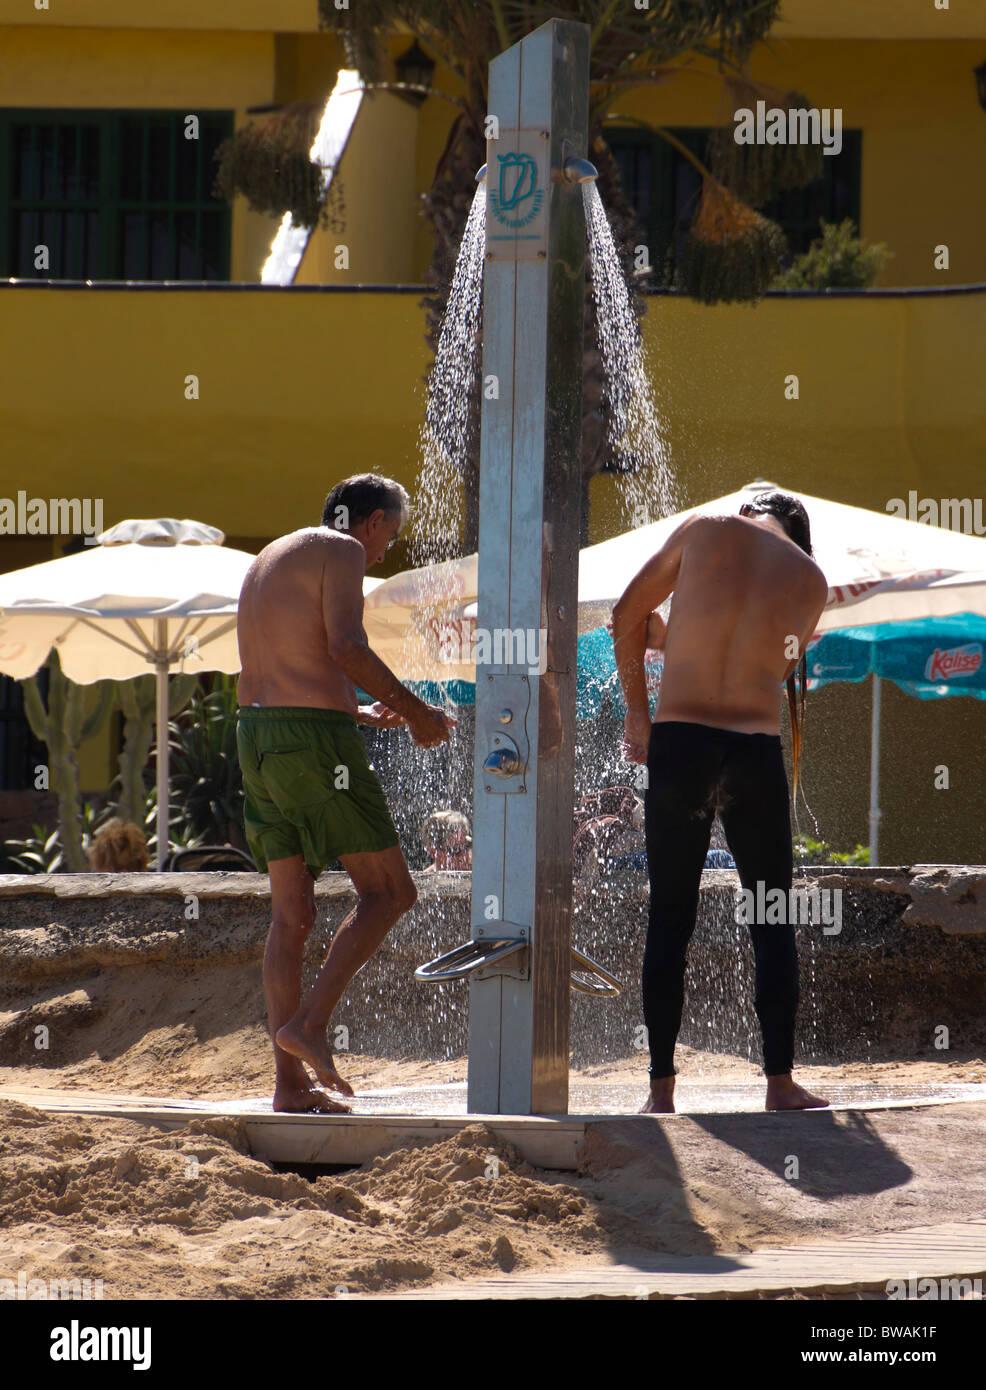 Fuerteventura, Îles Canaries - Corralejo, les hommes la douche sur la plage. Photo Stock